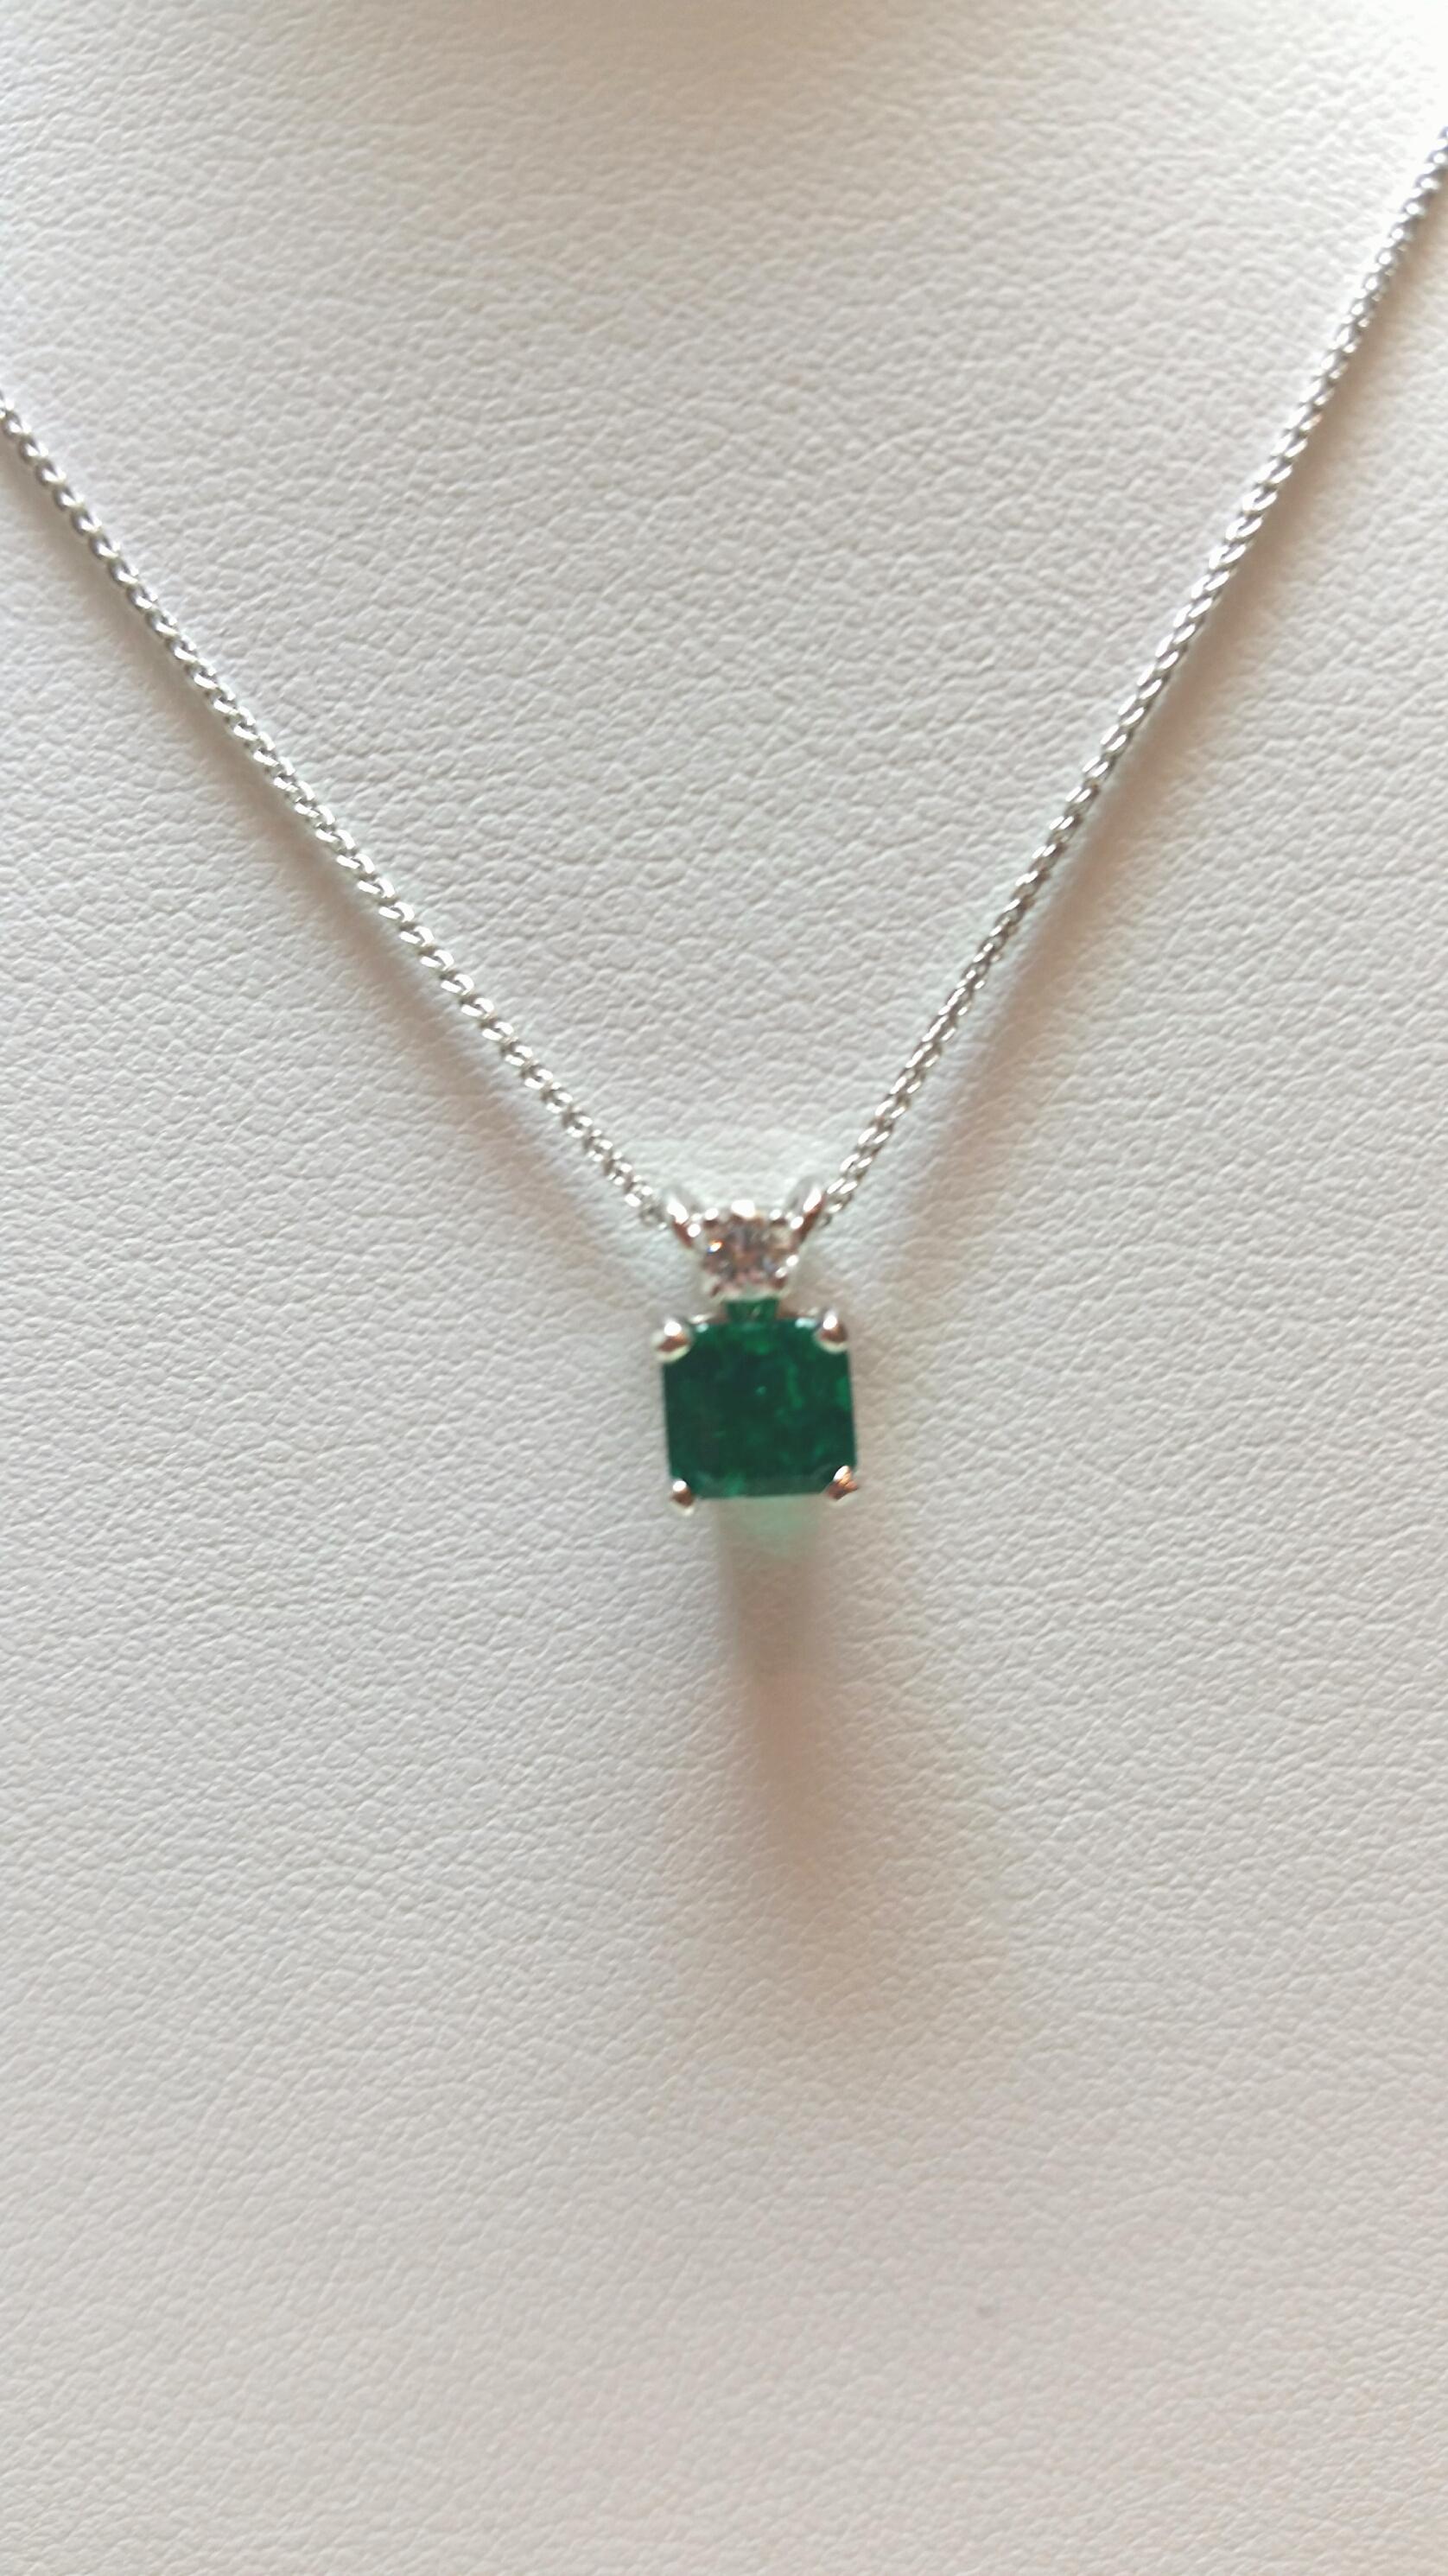 96 Carat Square Emerald Pendant